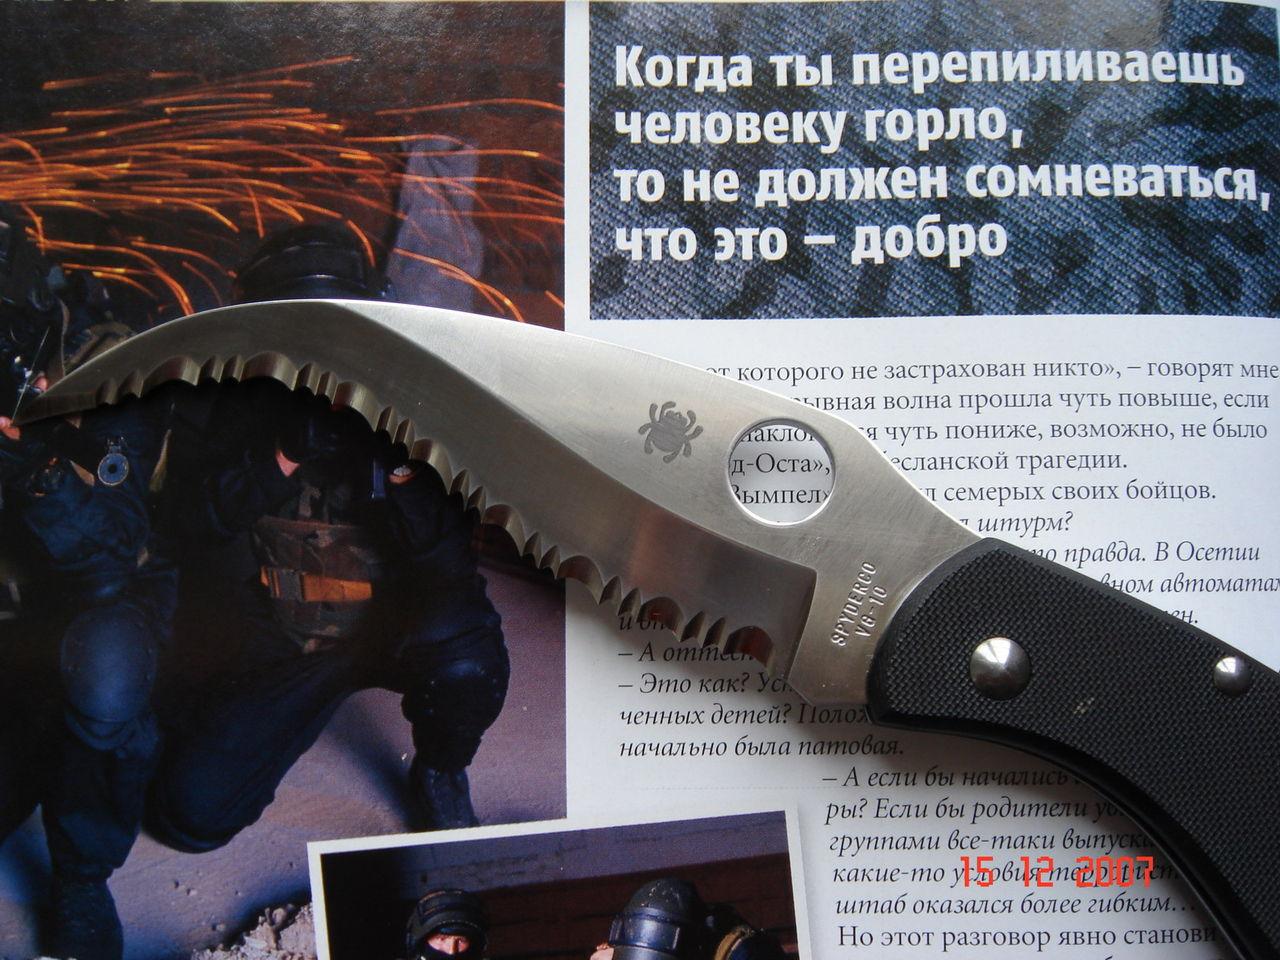 Друга днюхой, ножи смешная картинка